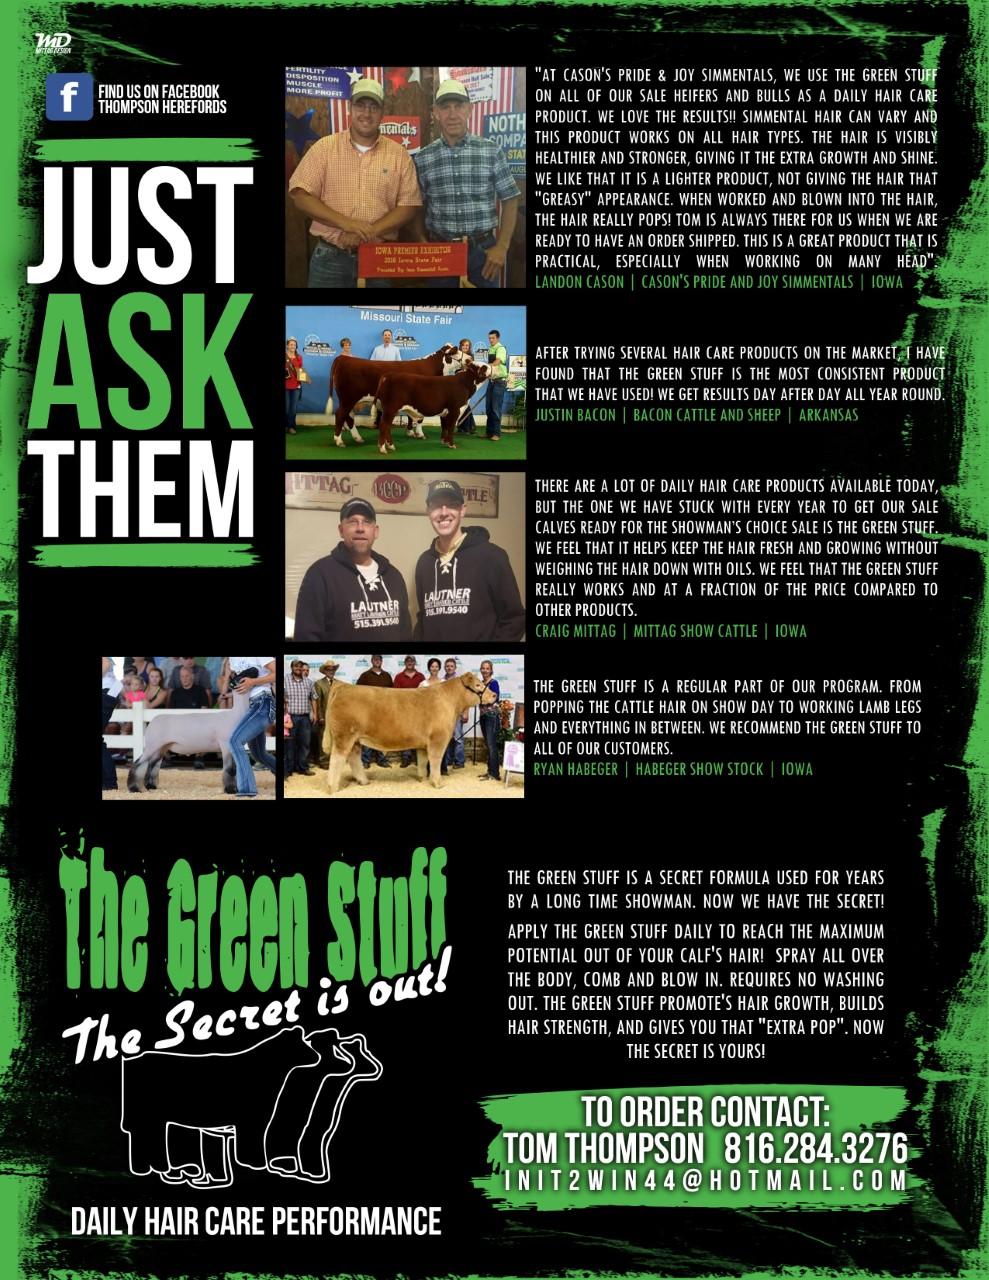 greenstuff-ad-testimonials.jpg